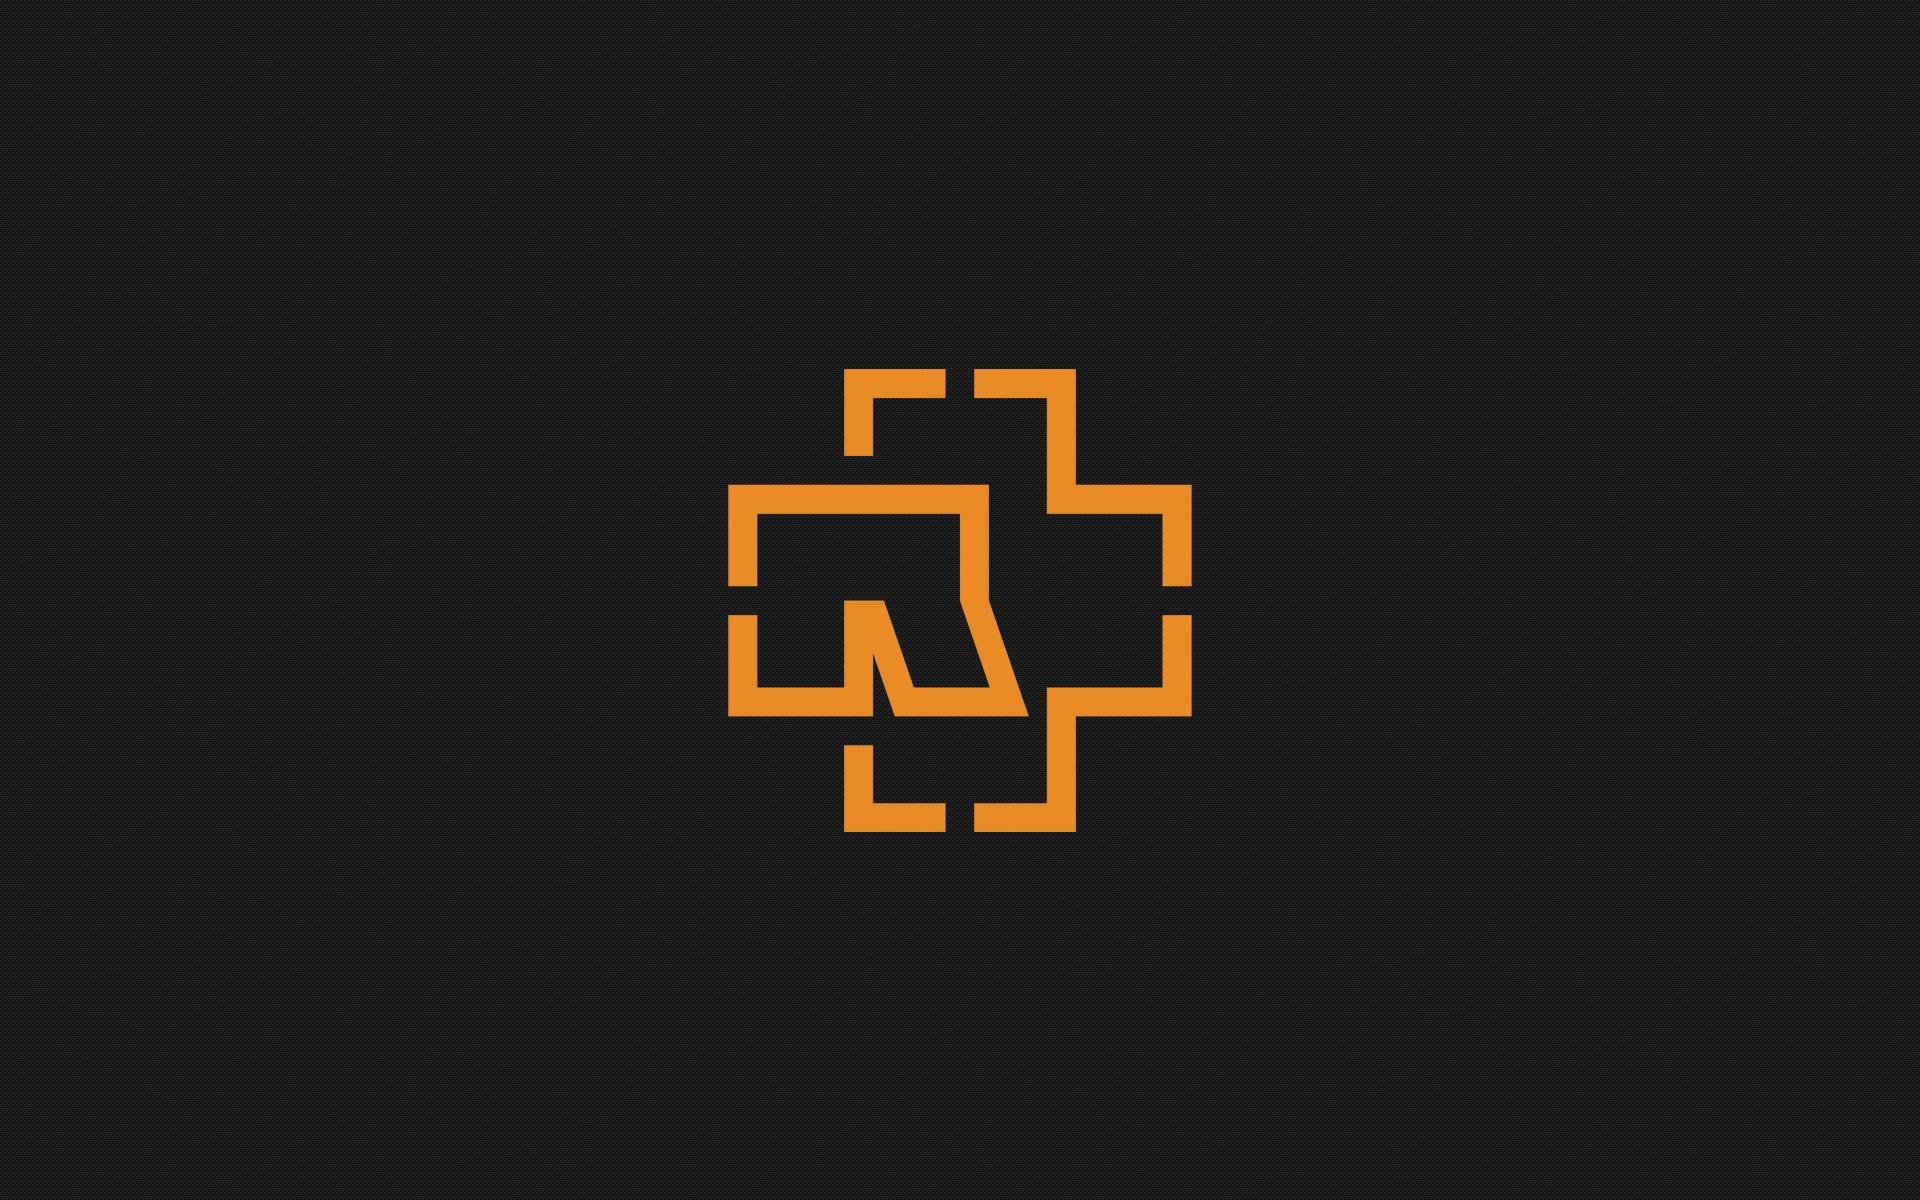 рамштайн картинки логотипы сальных желез